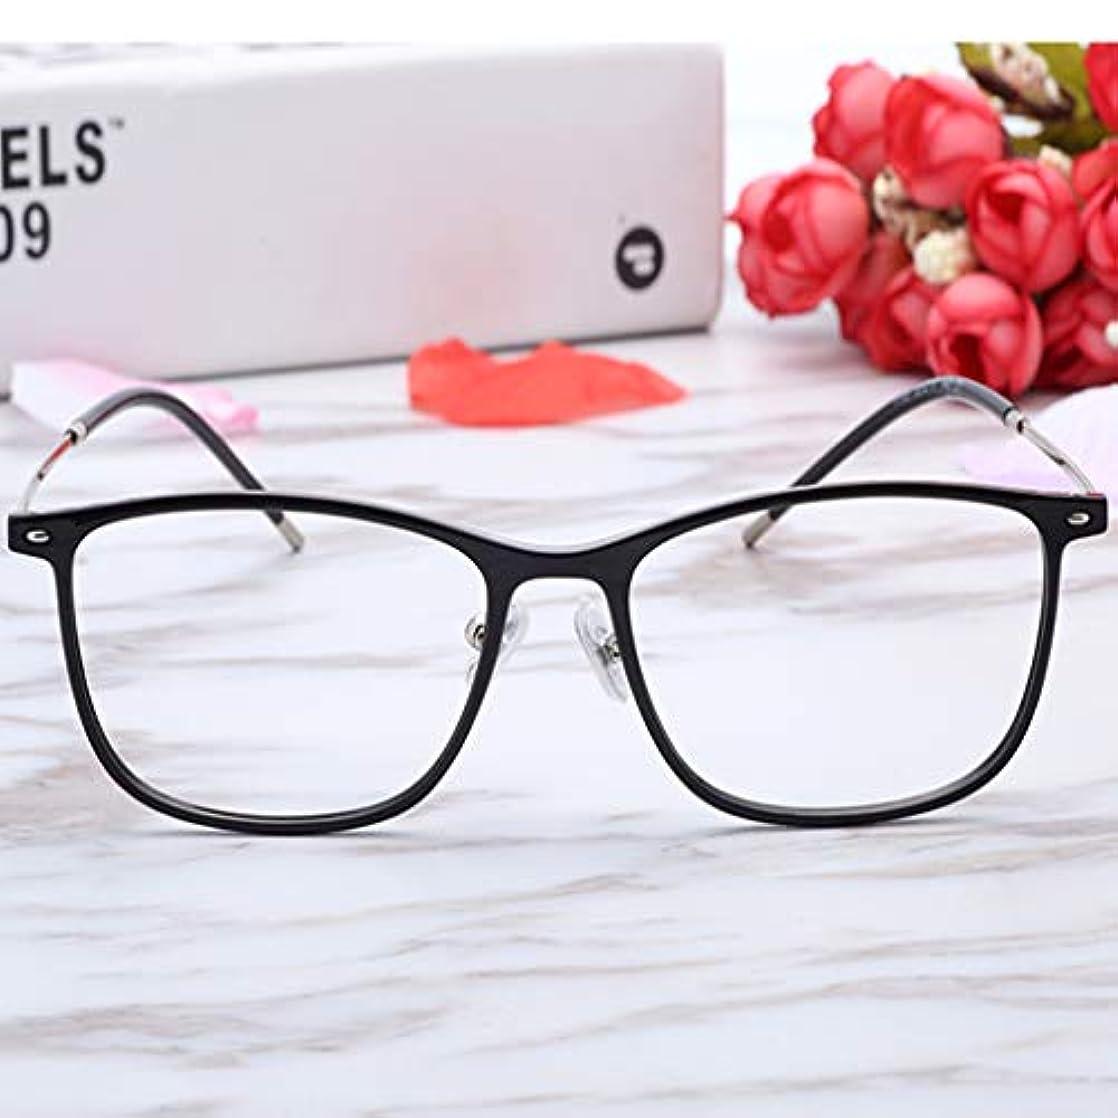 犯罪選択フロントスタイリッシュな超軽量高精細アンチブルー老眼鏡、抗放射線、抗UV、アンチめまい、ユニセックス。